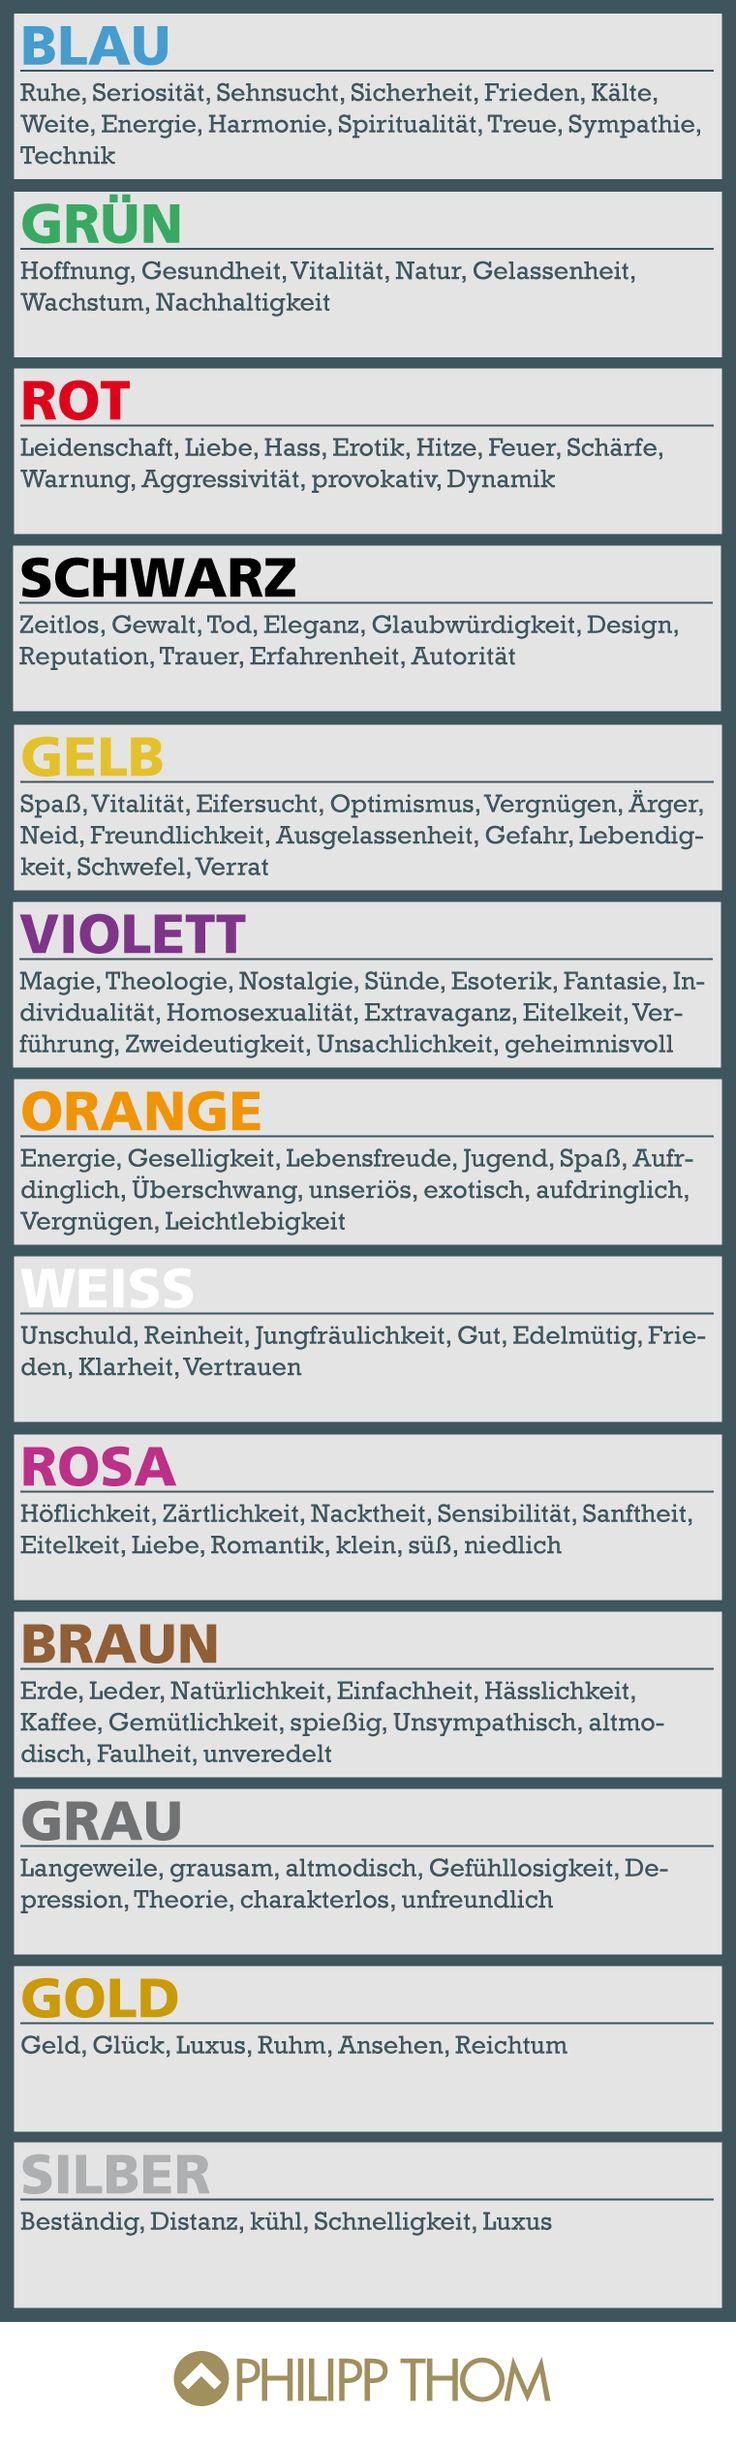 Alles über die Psychologie der einzelnen Farben. Good for oral discussion or vocabulary expansion.